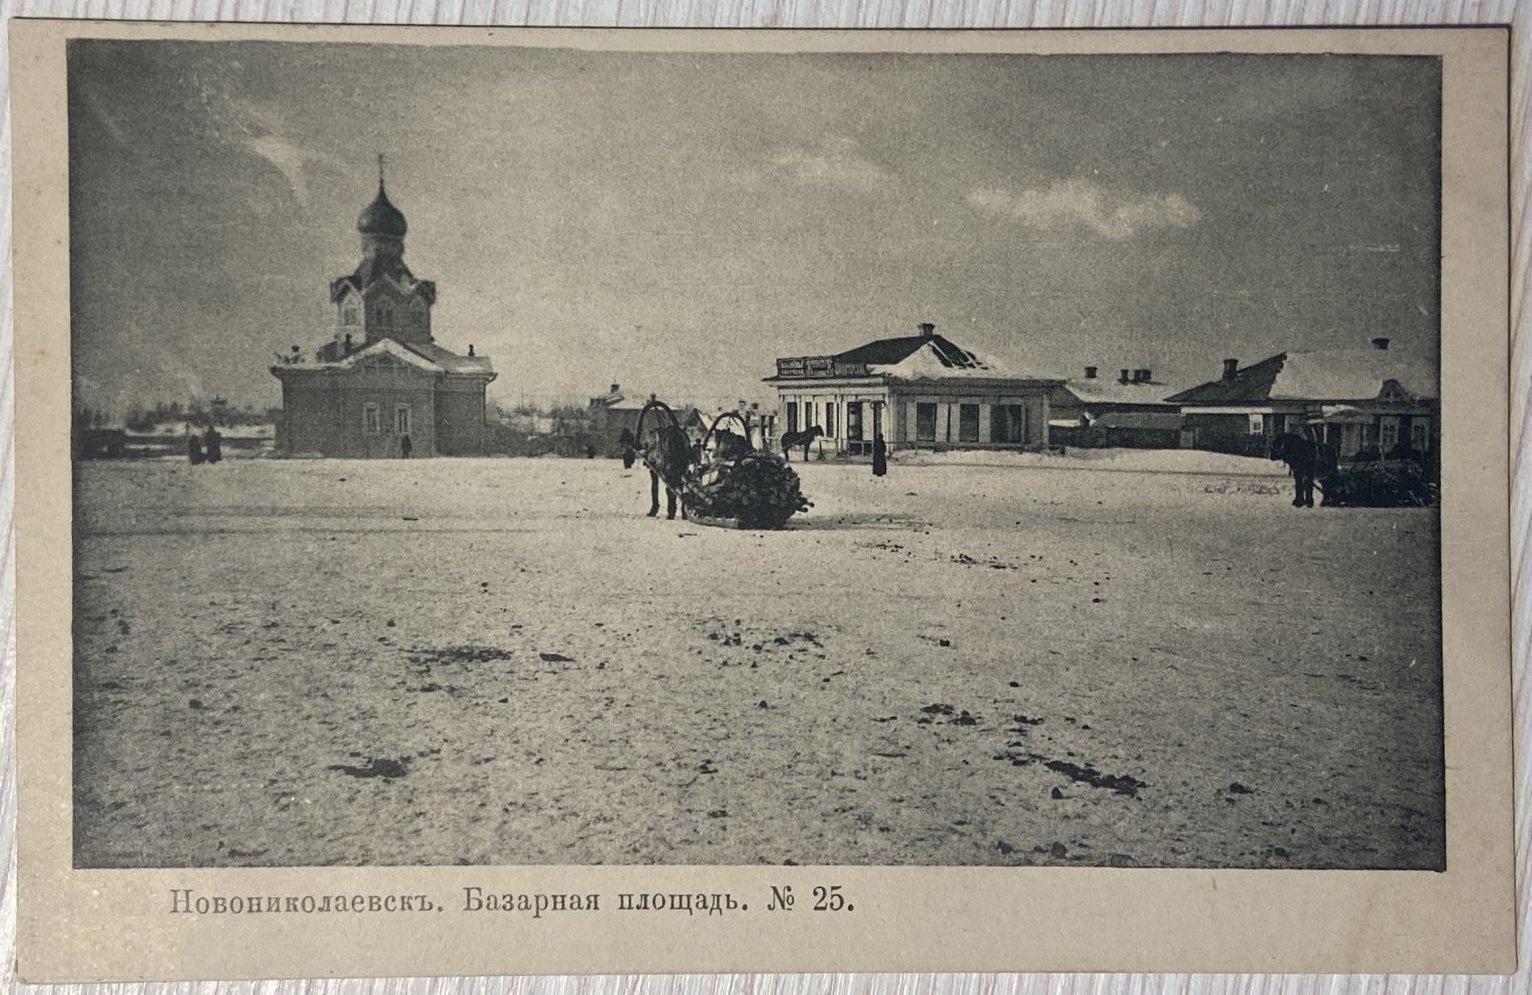 http://images.vfl.ru/ii/1621179115/99a04a56/34475034.jpg